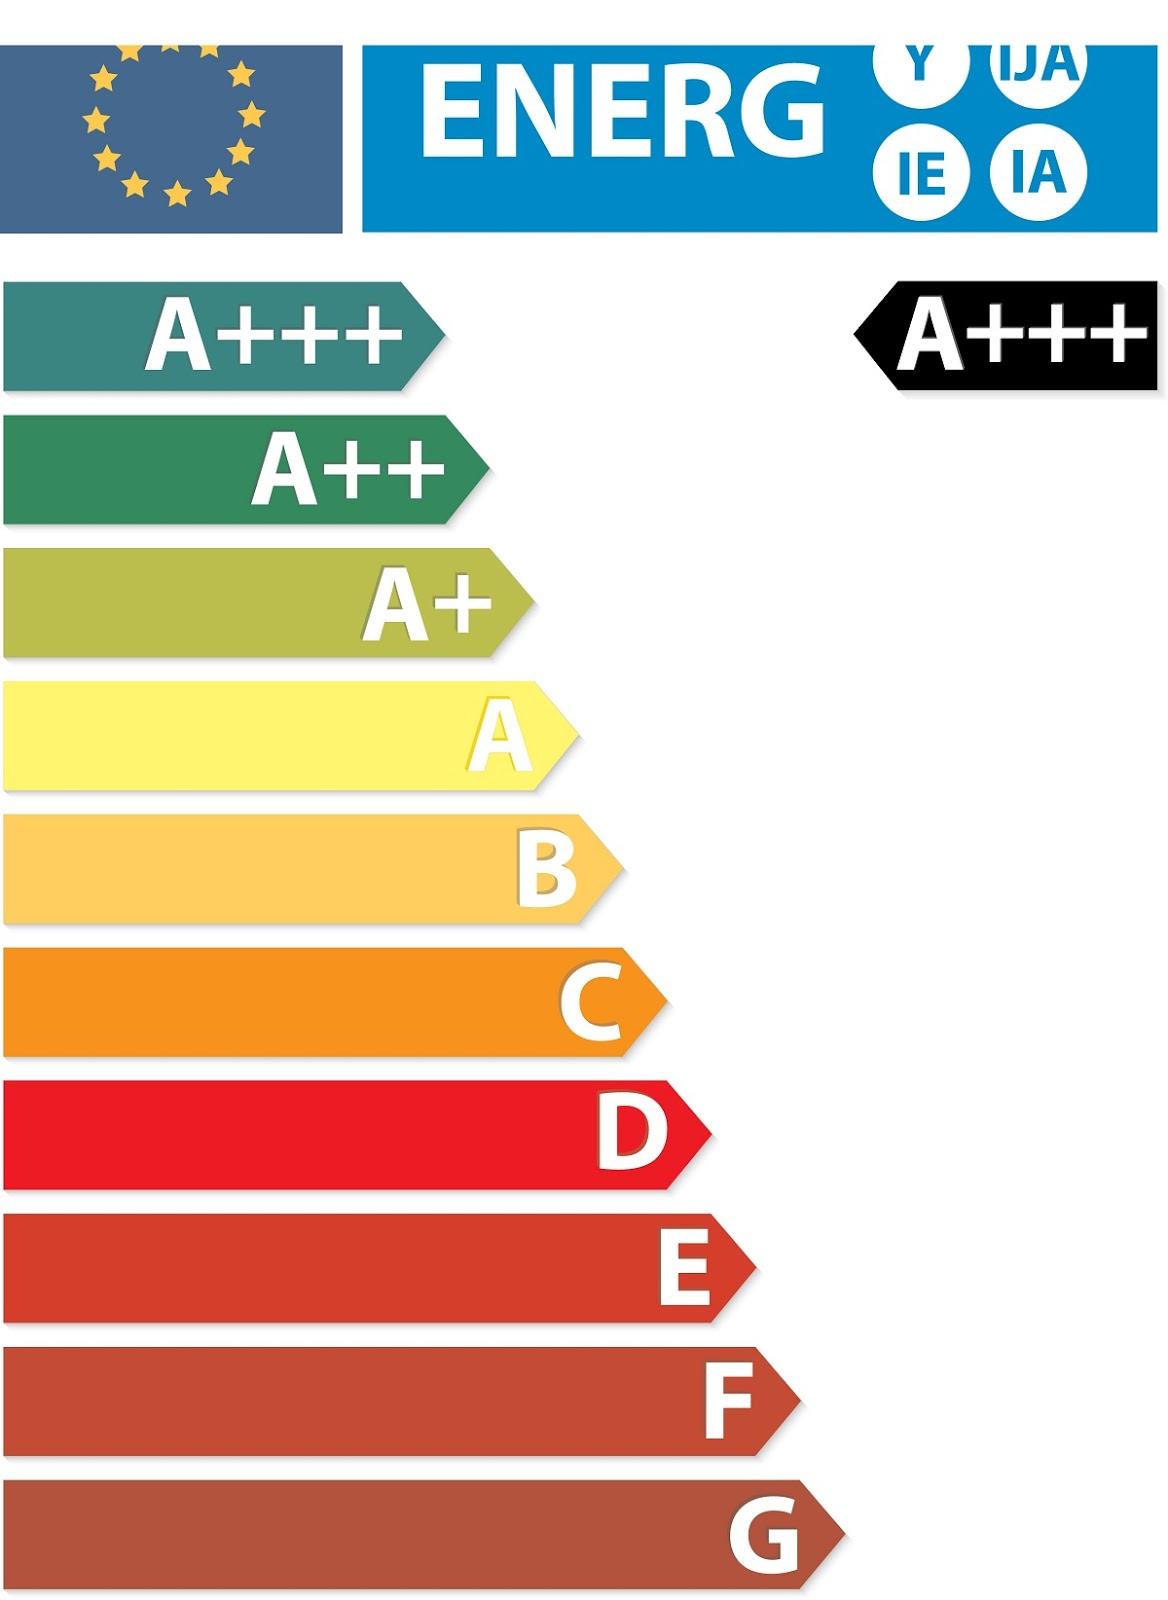 Clasa de eficienta energetica